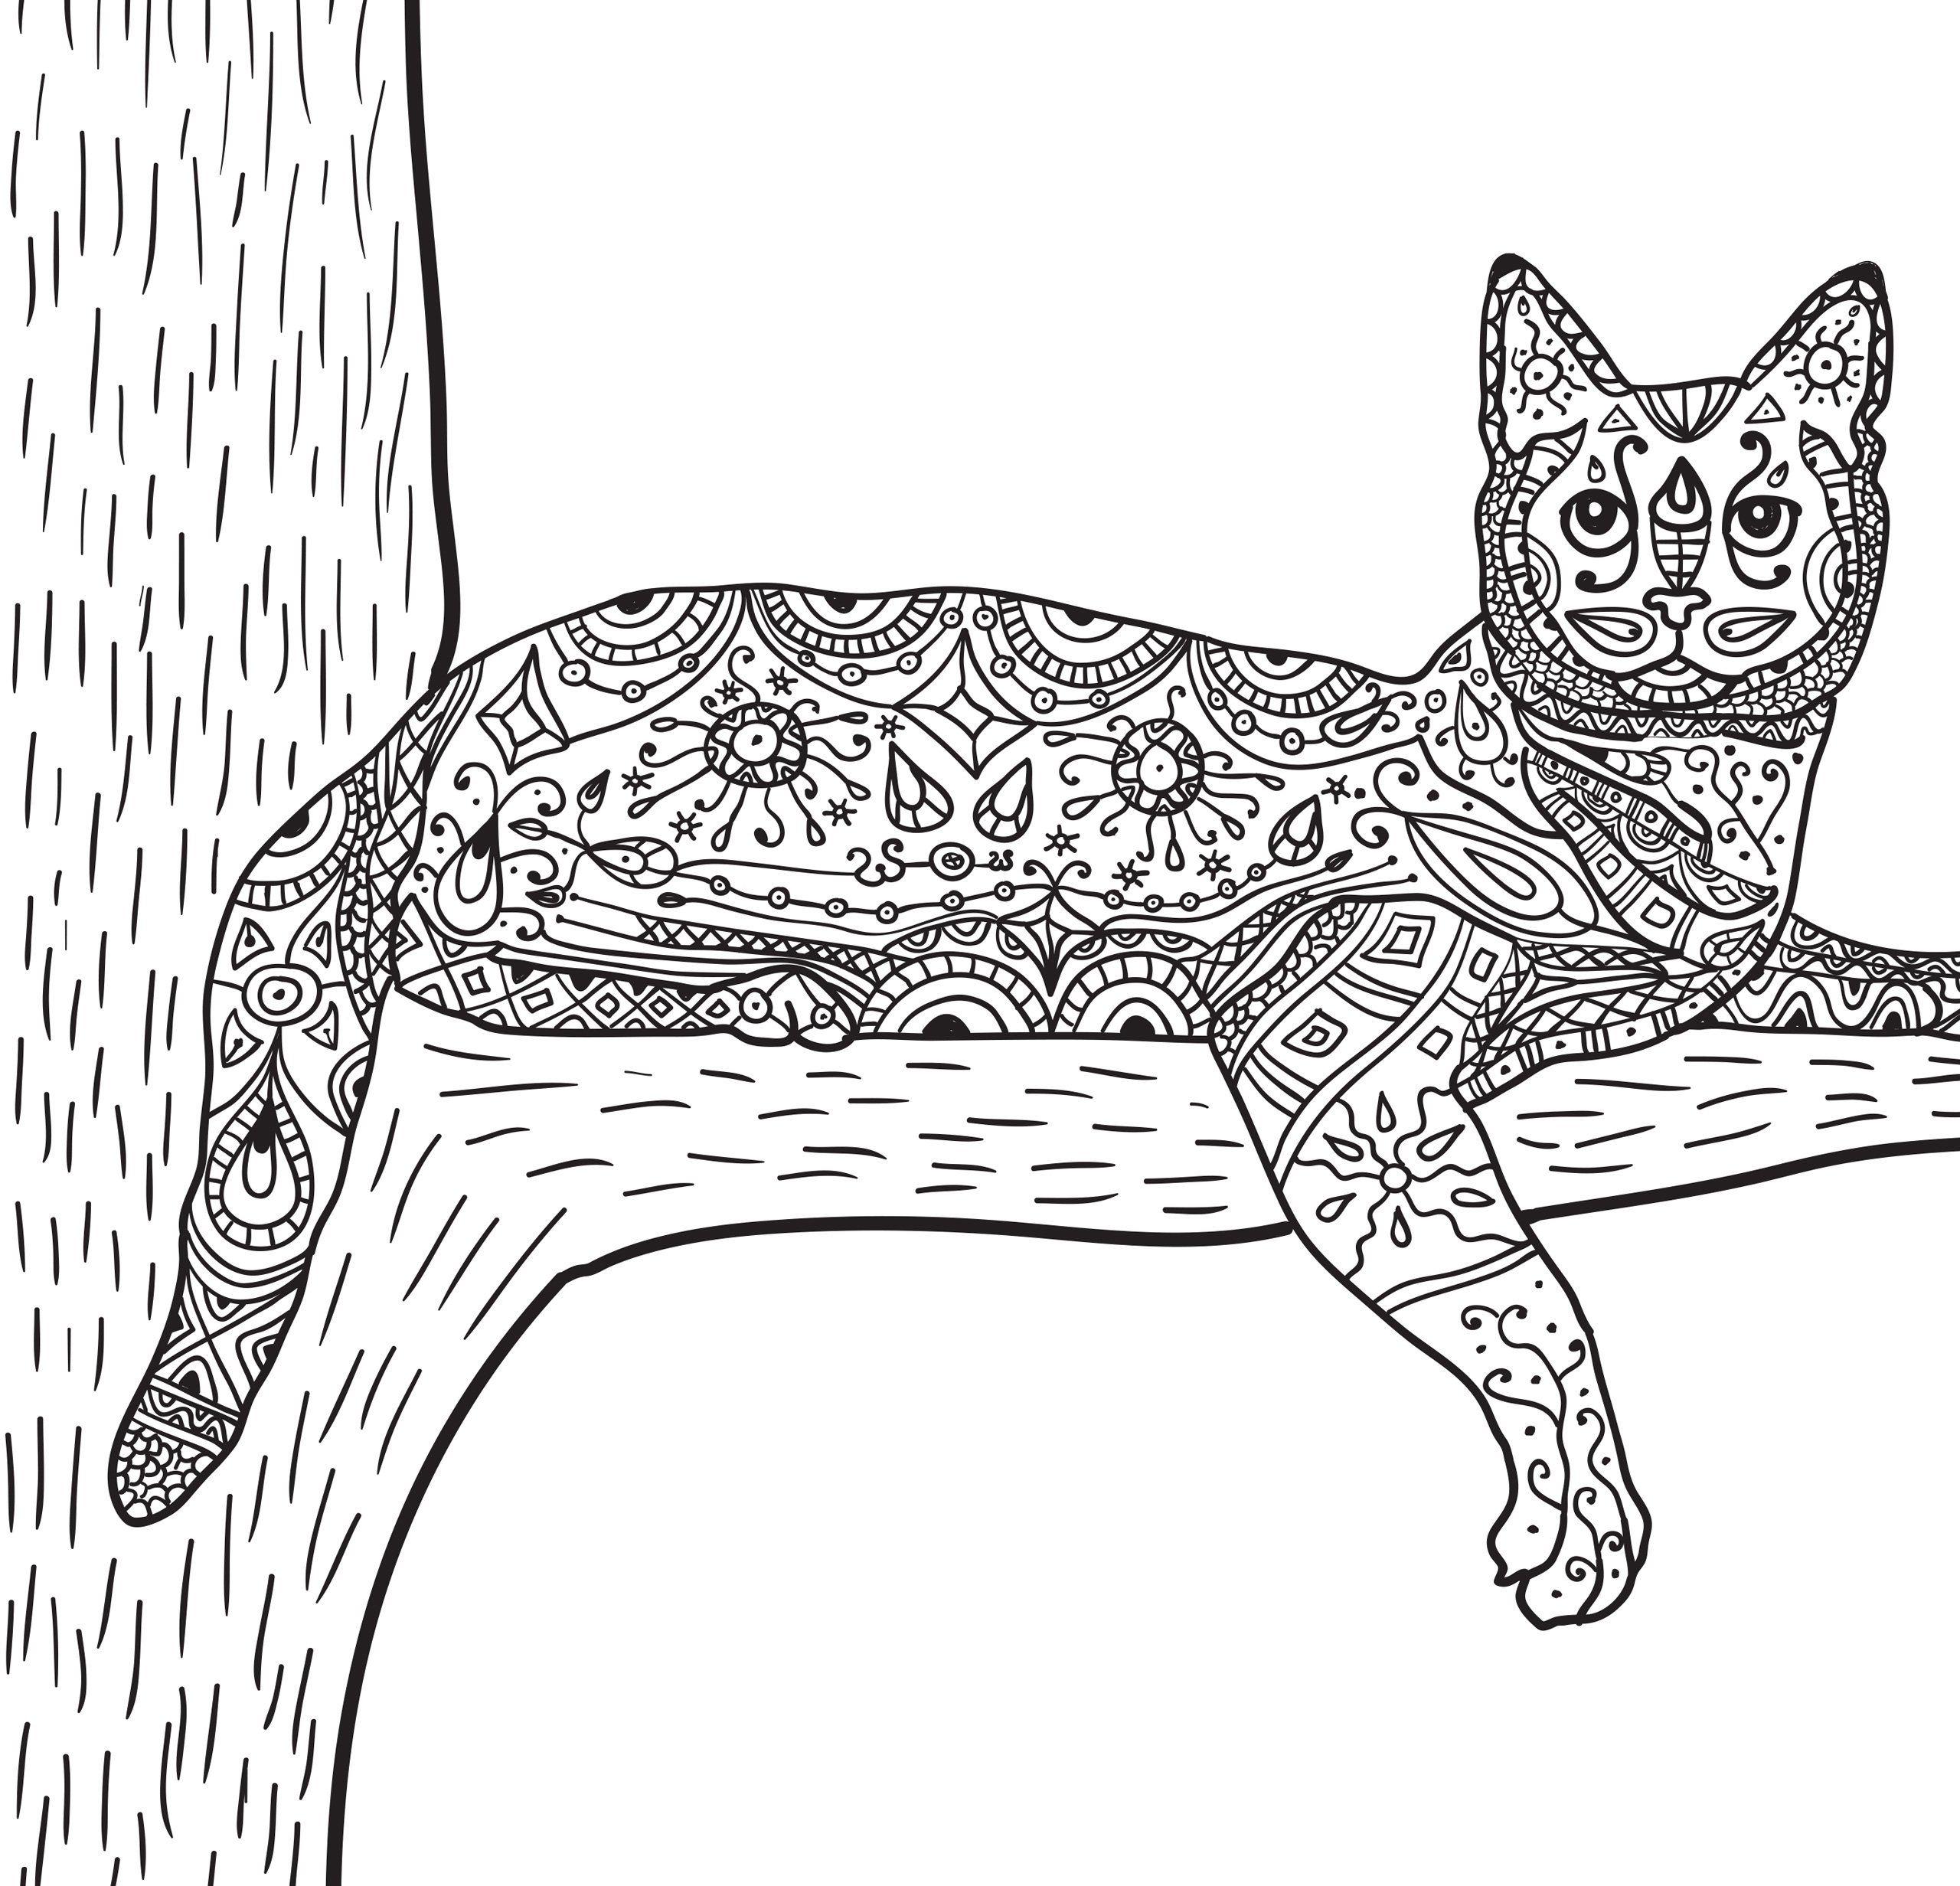 Кошка на дереве - Животные | Животные, Кошки, Раскраски